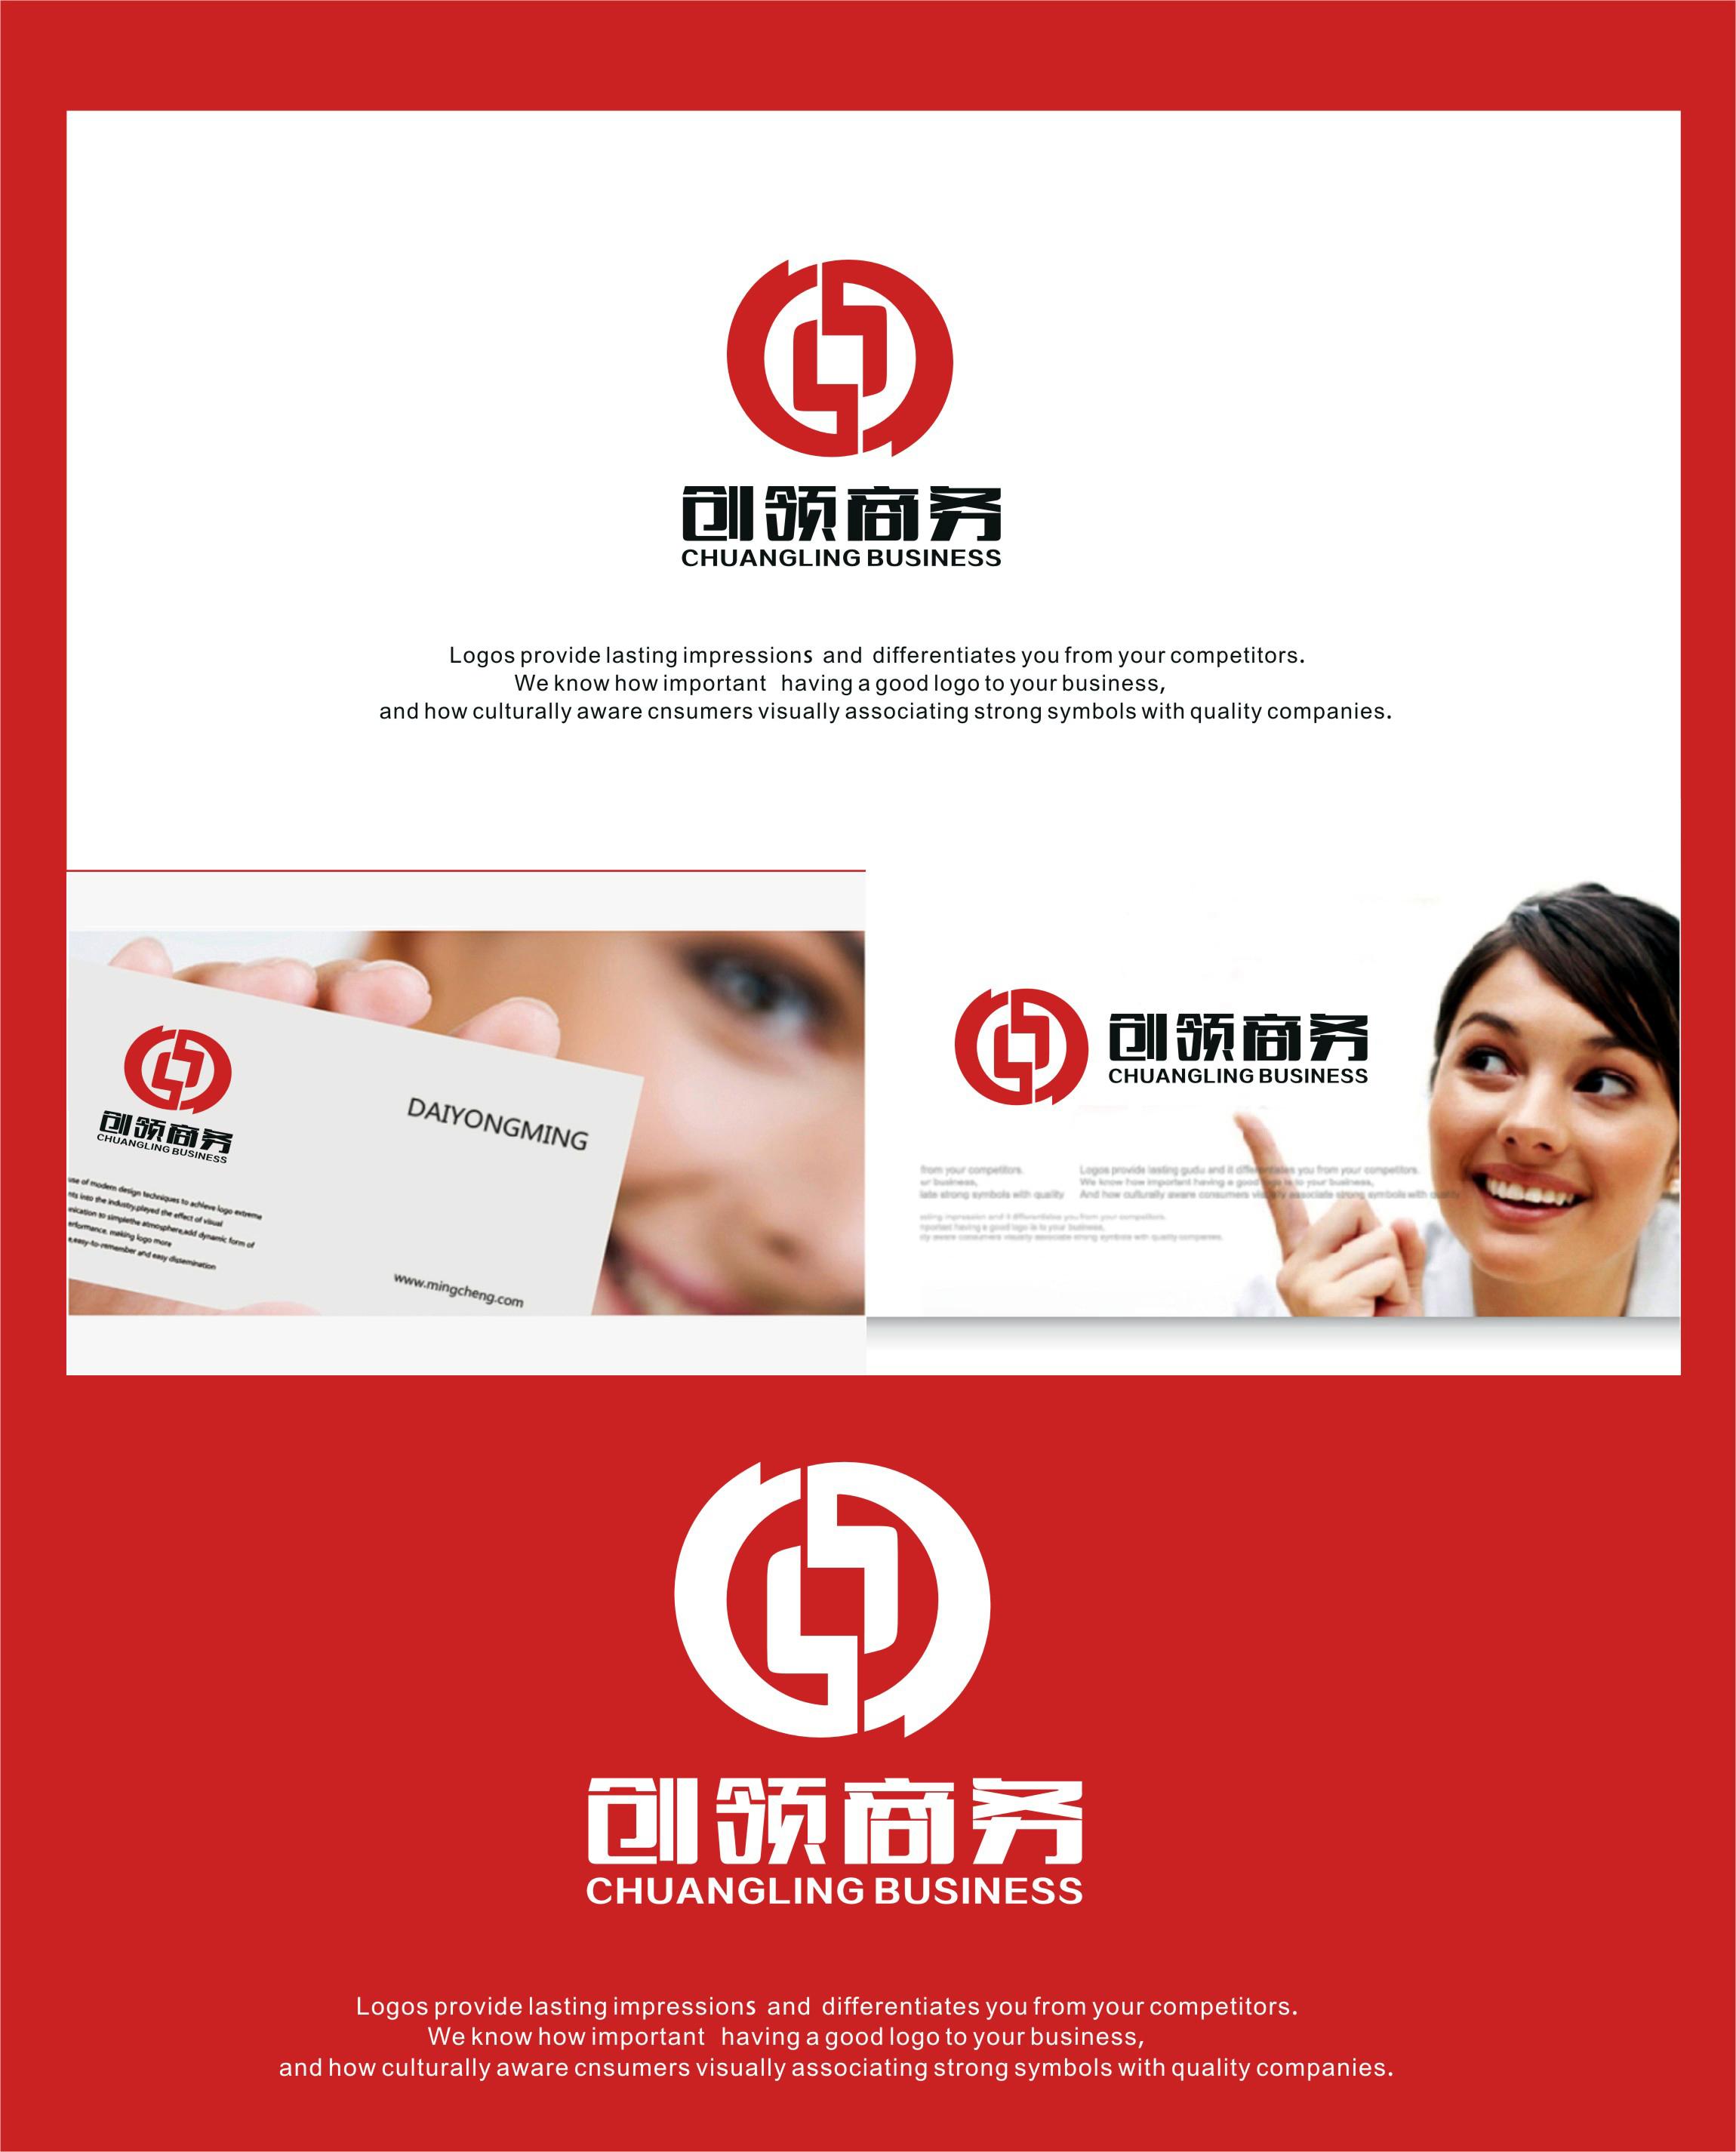 公司商标logo设计